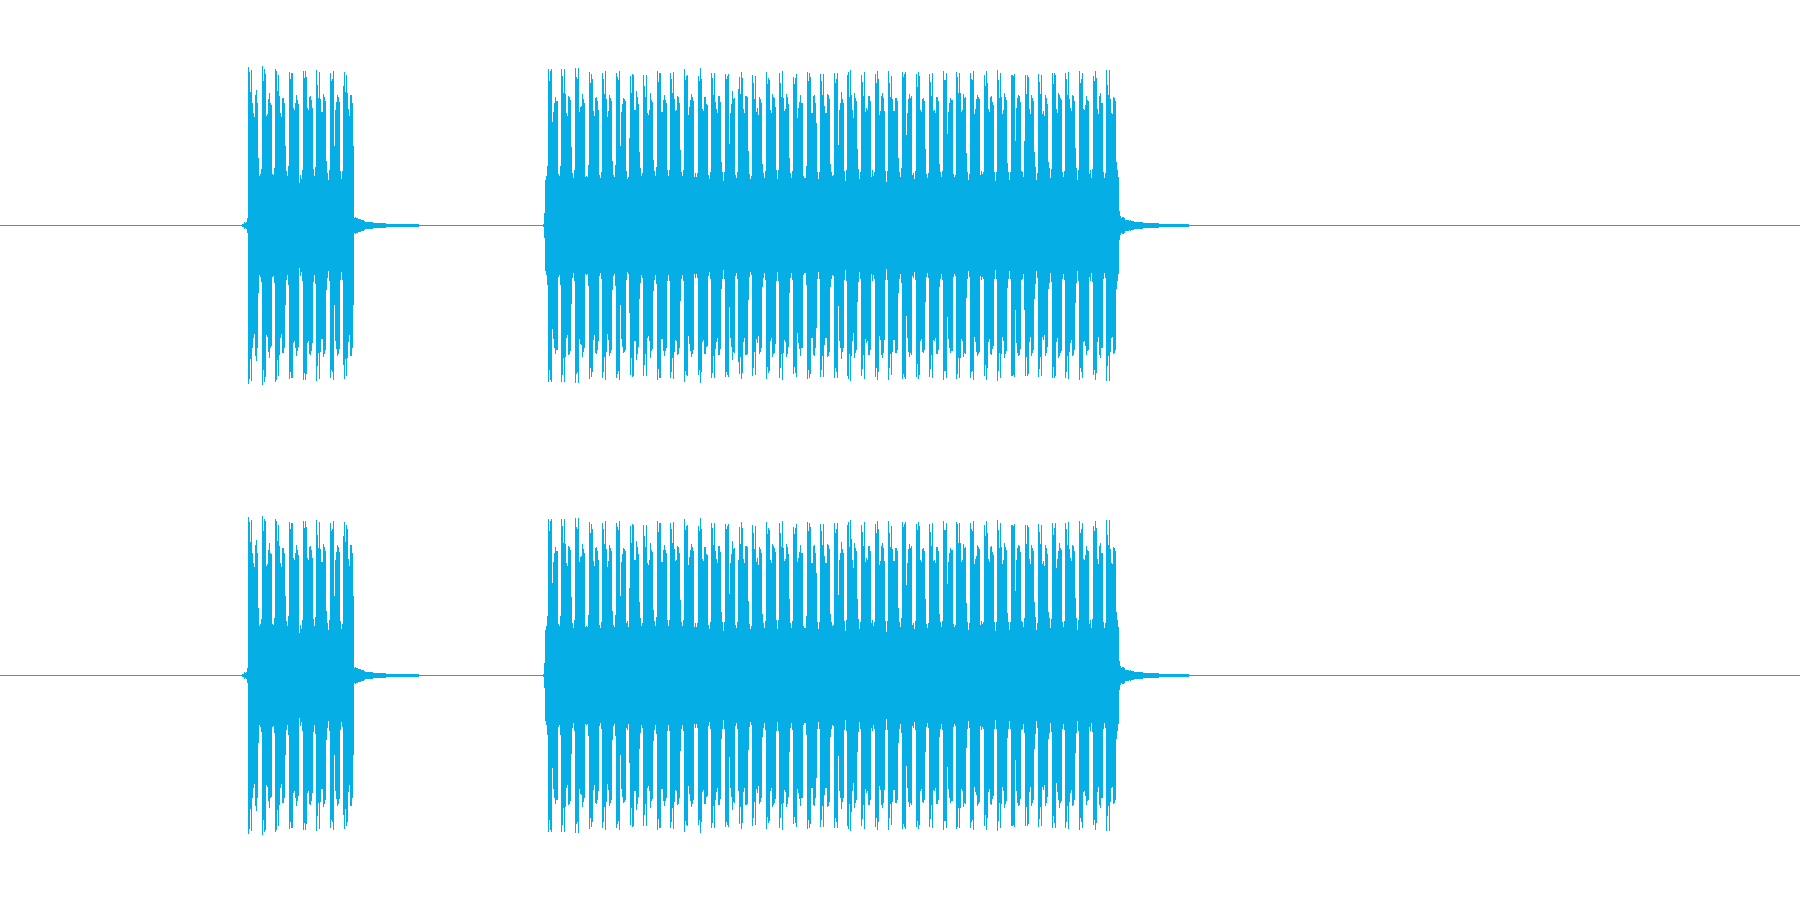 「ぶっぶー!」クイズ不正解用ジングルですの再生済みの波形